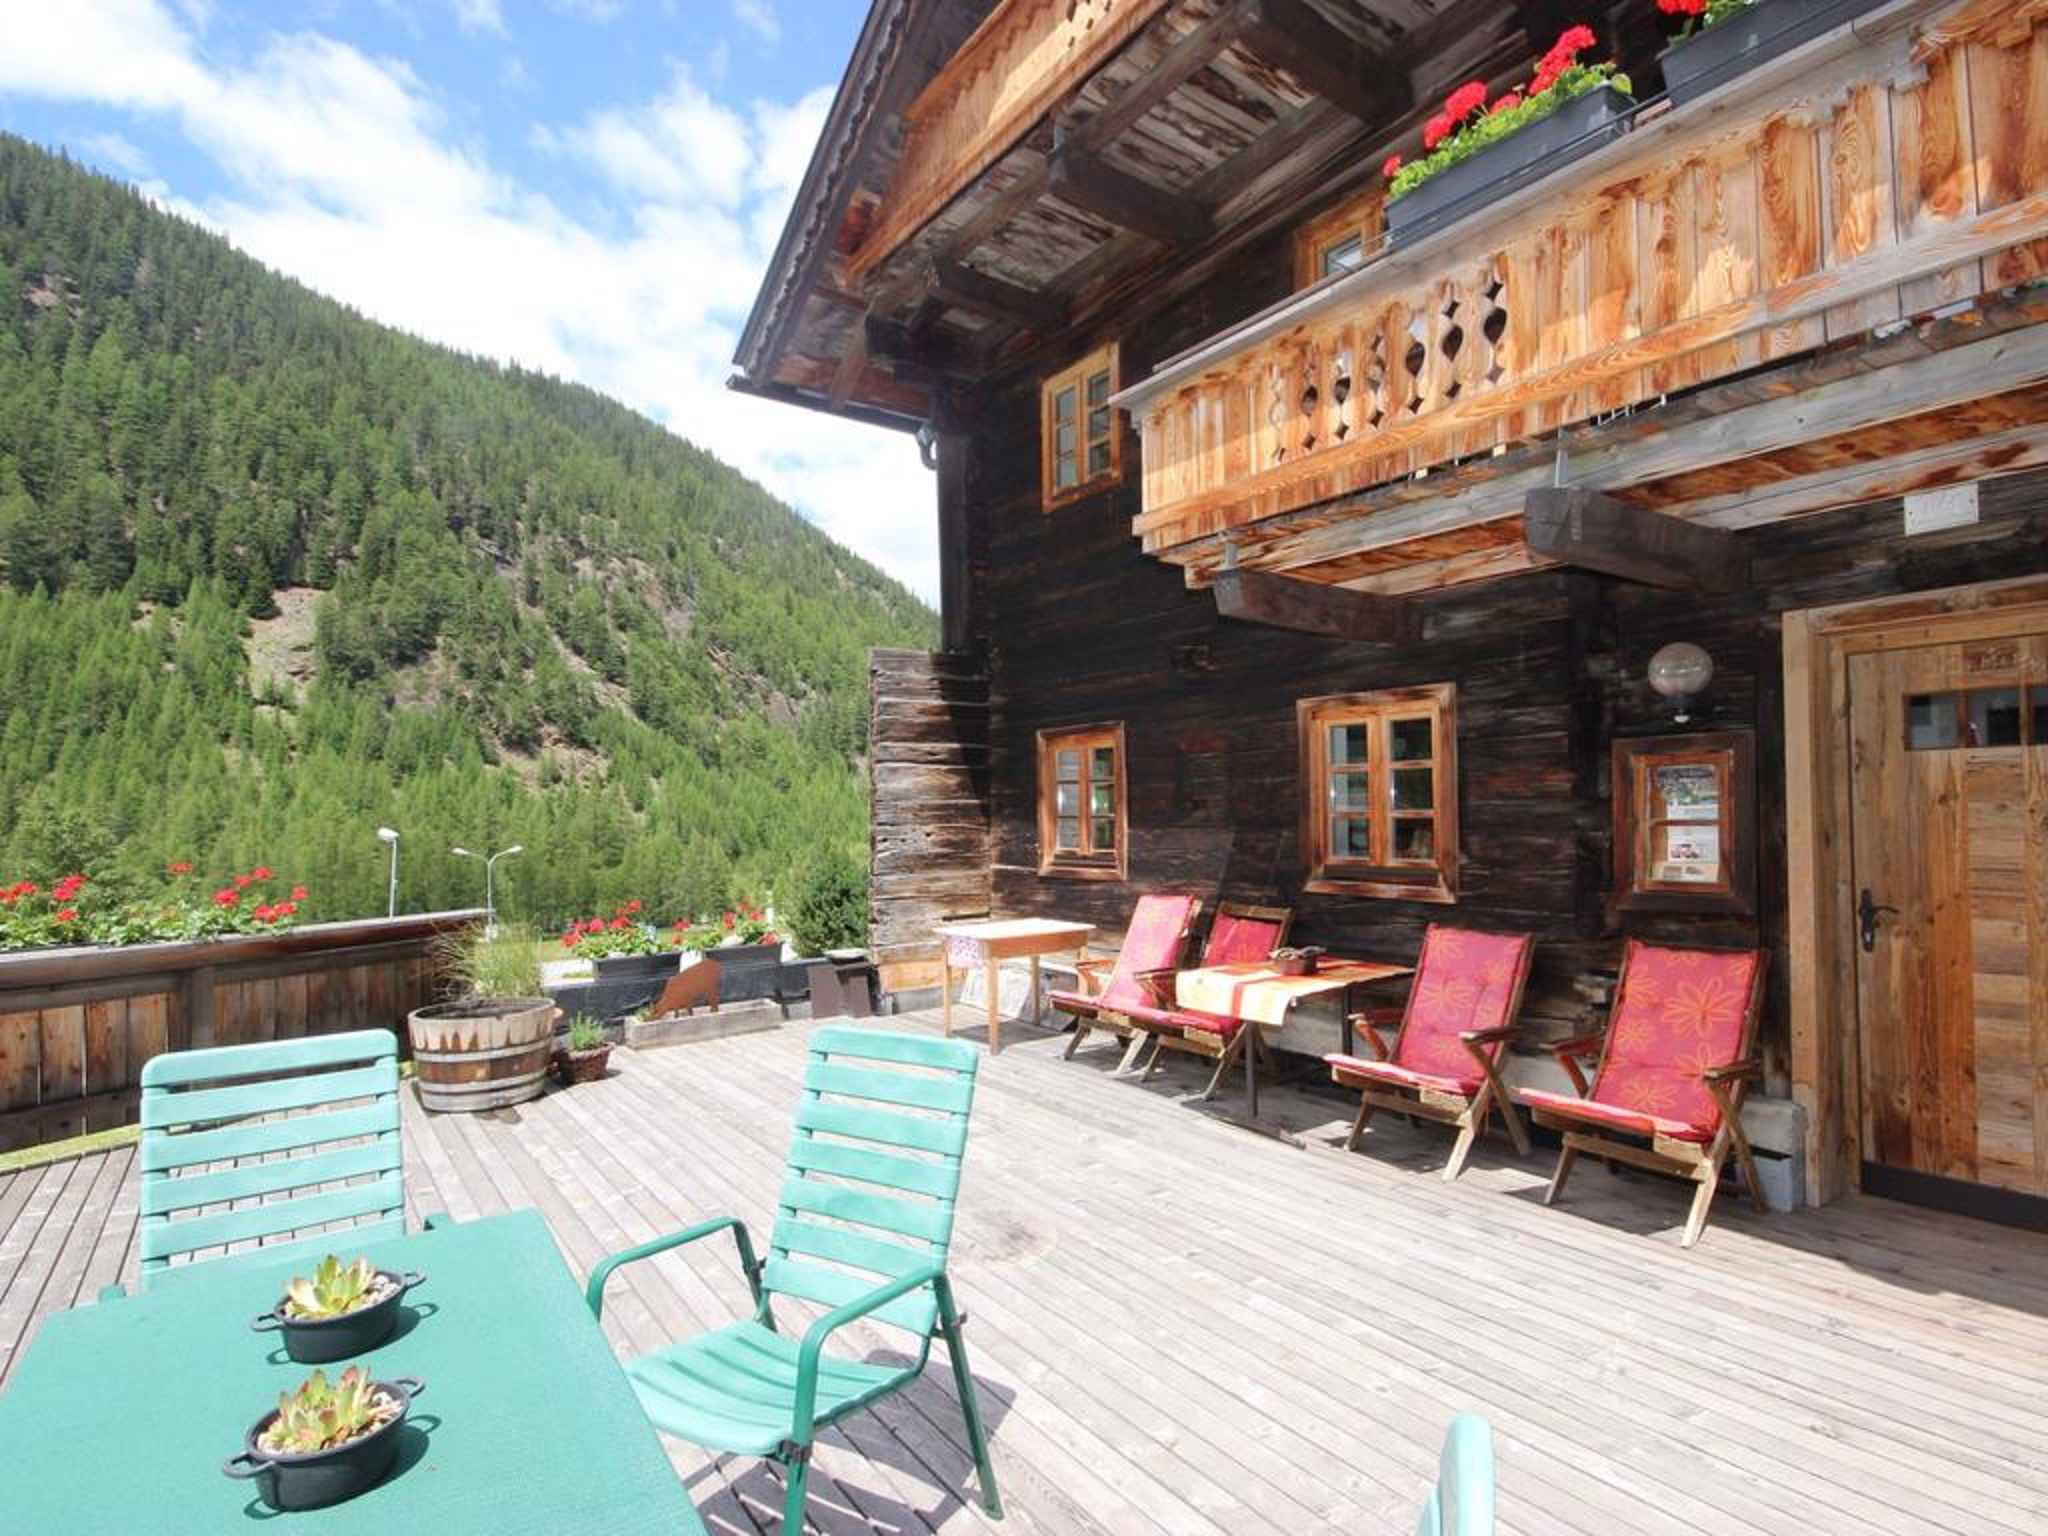 Ferienwohnung in einem über 300 Jahre alten Holzhaus (283707), Sölden (AT), Ötztal, Tirol, Österreich, Bild 7